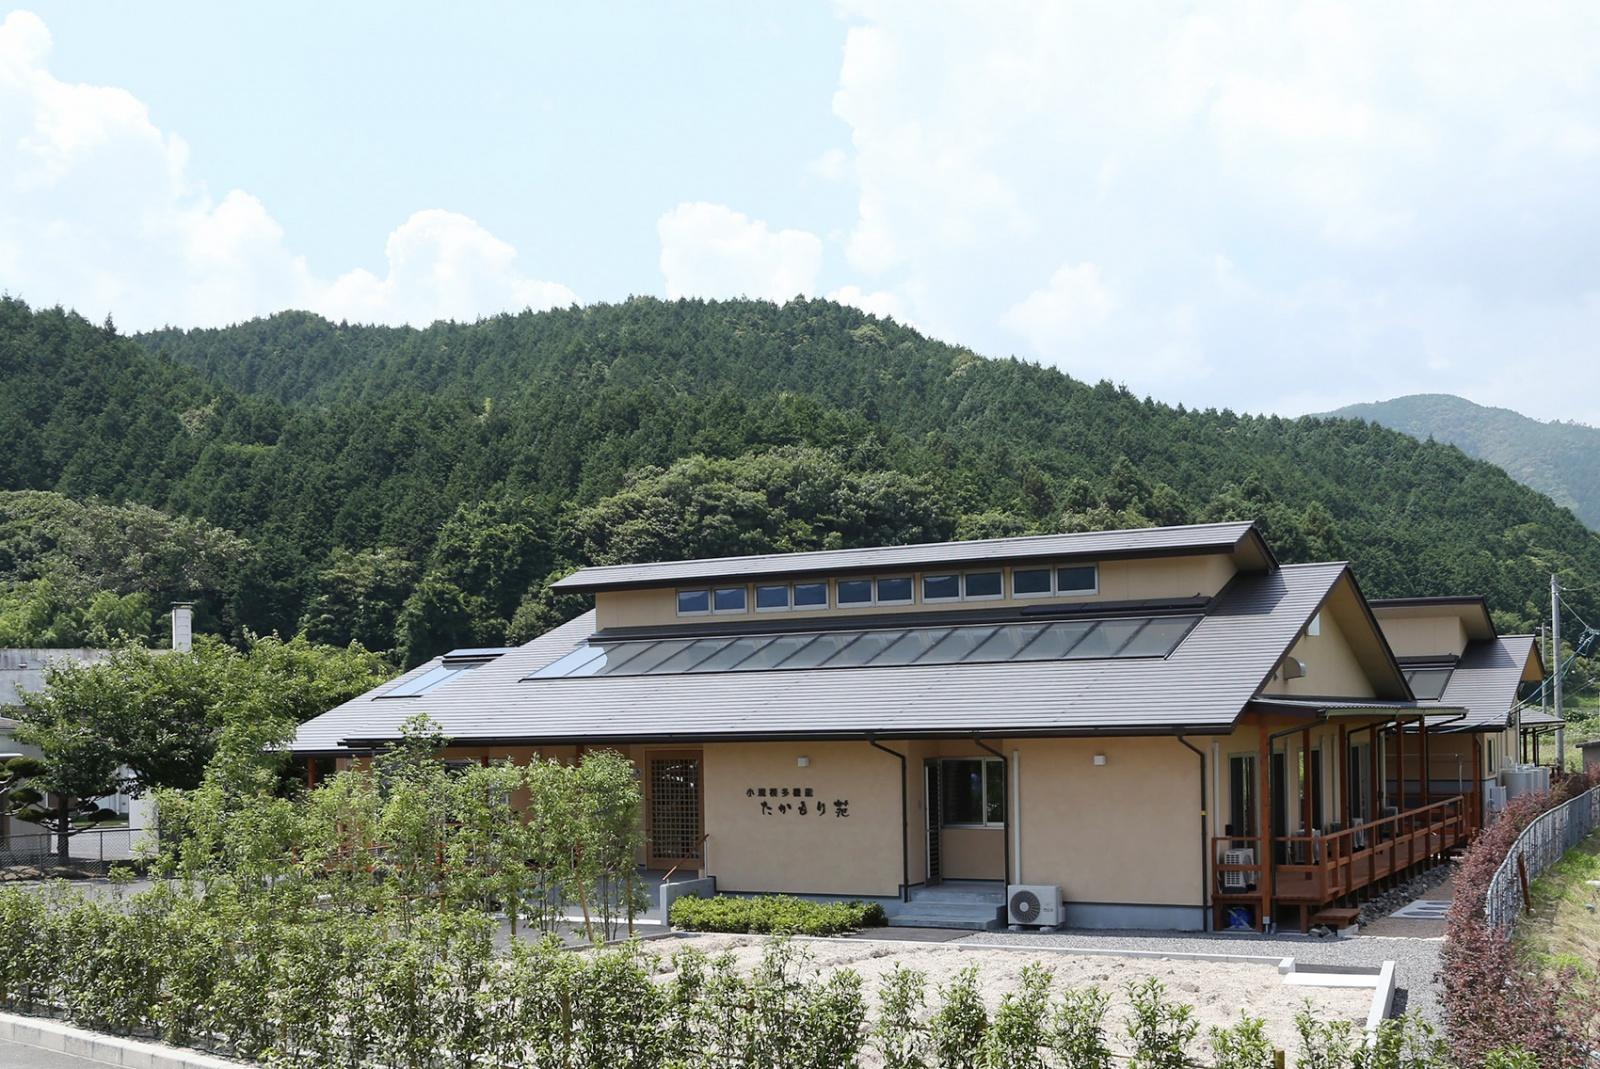 たかもり苑外観。屋根に見えるのがOMソーラーの太陽熱の集熱面。冬季は屋根で集めた熱を床下に送り込むことで建物全体がじんわりとあたためられる。屋根の上の小屋部分にFIX窓を設けることで自然光で室内を明るく保つことができる工夫も。